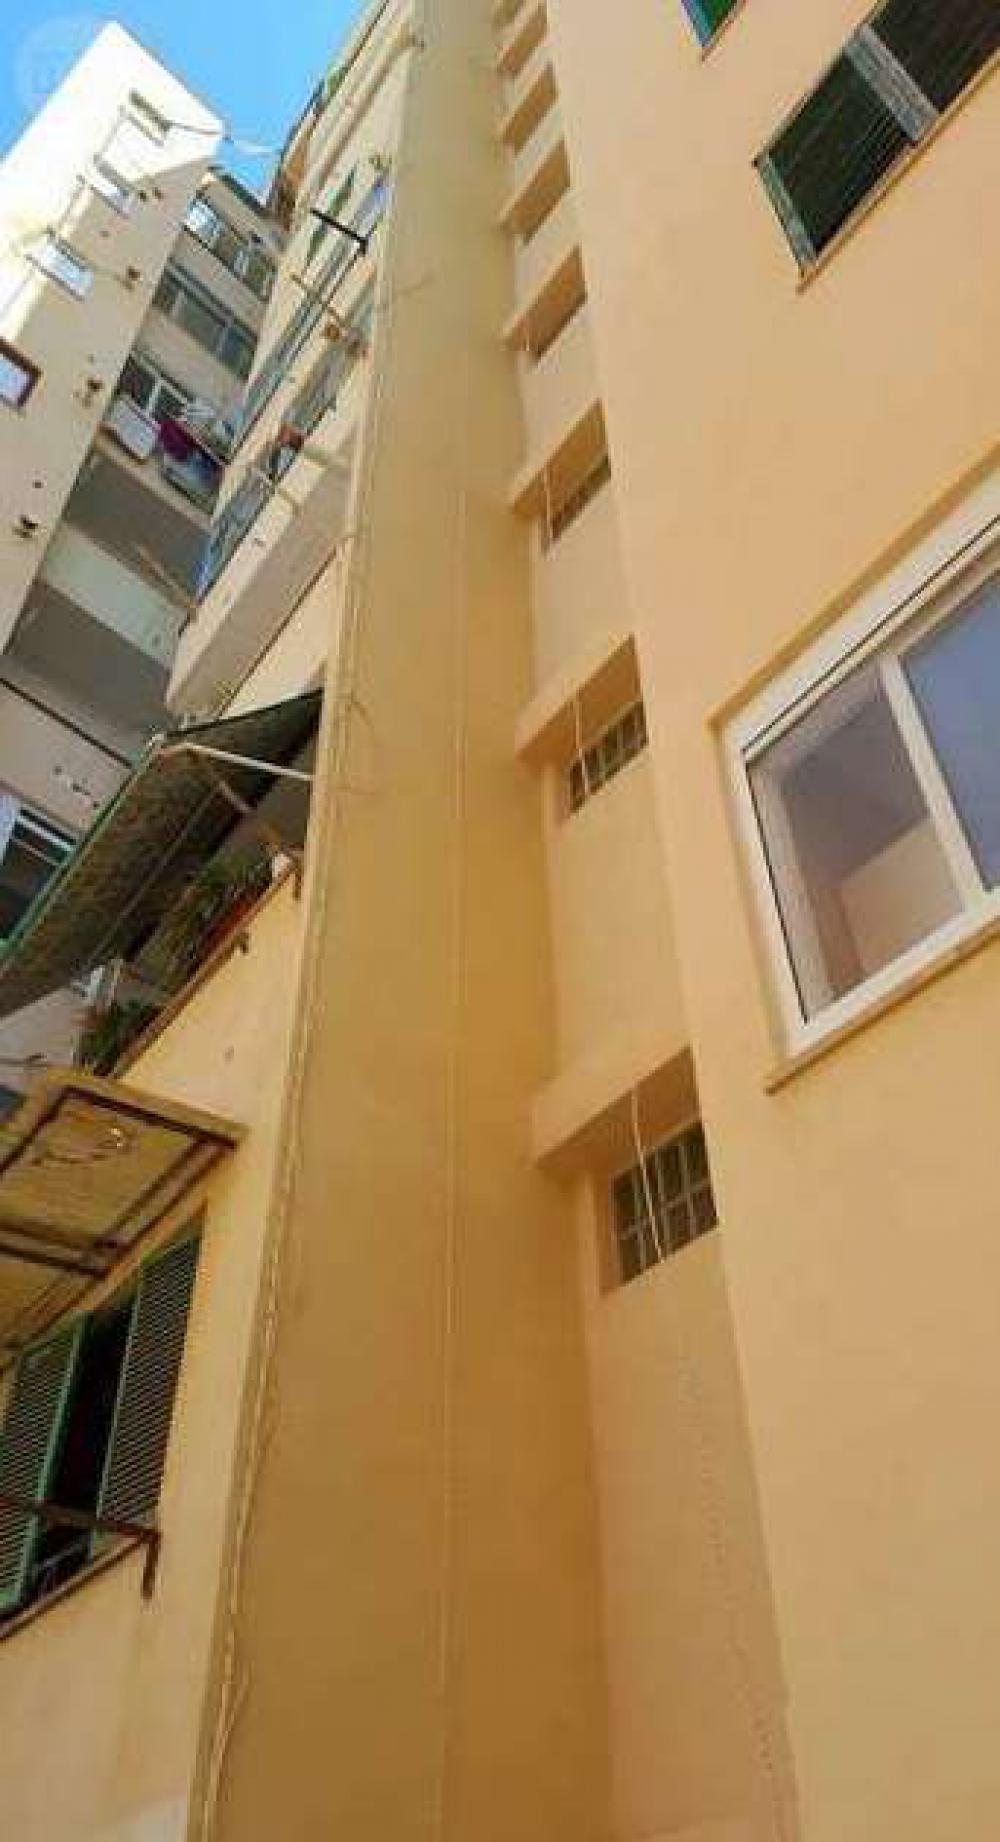 Vertical net empresa de revestimientos de fachadas en palma de mallorca trabajos verticales a - Trabajos verticales en palma ...